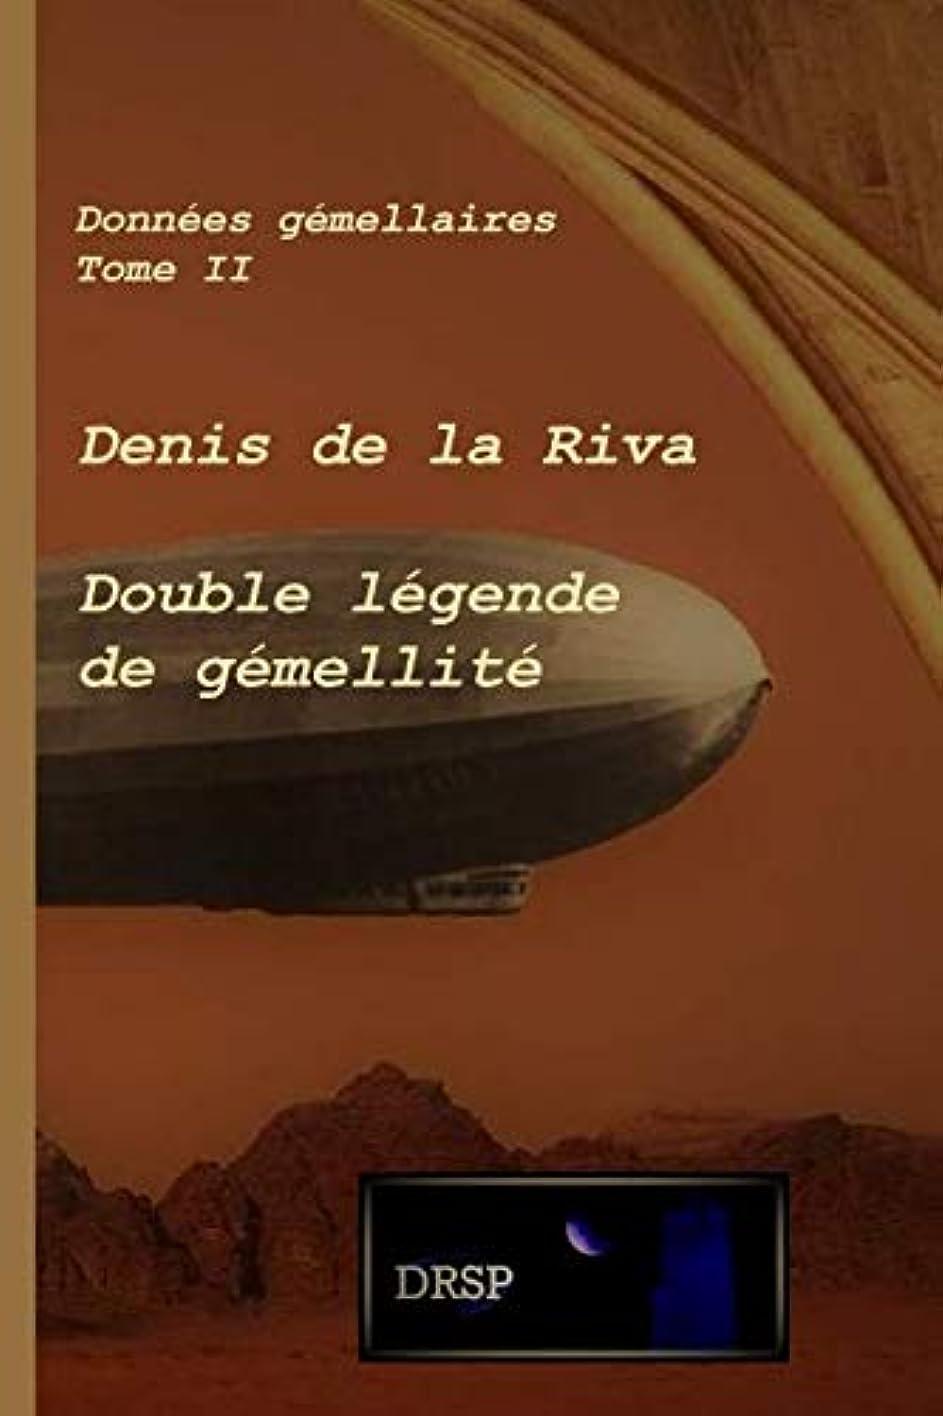 吹きさらし船酔い宣言するDouble légende de gémellité: Données gémellaires - Tome II